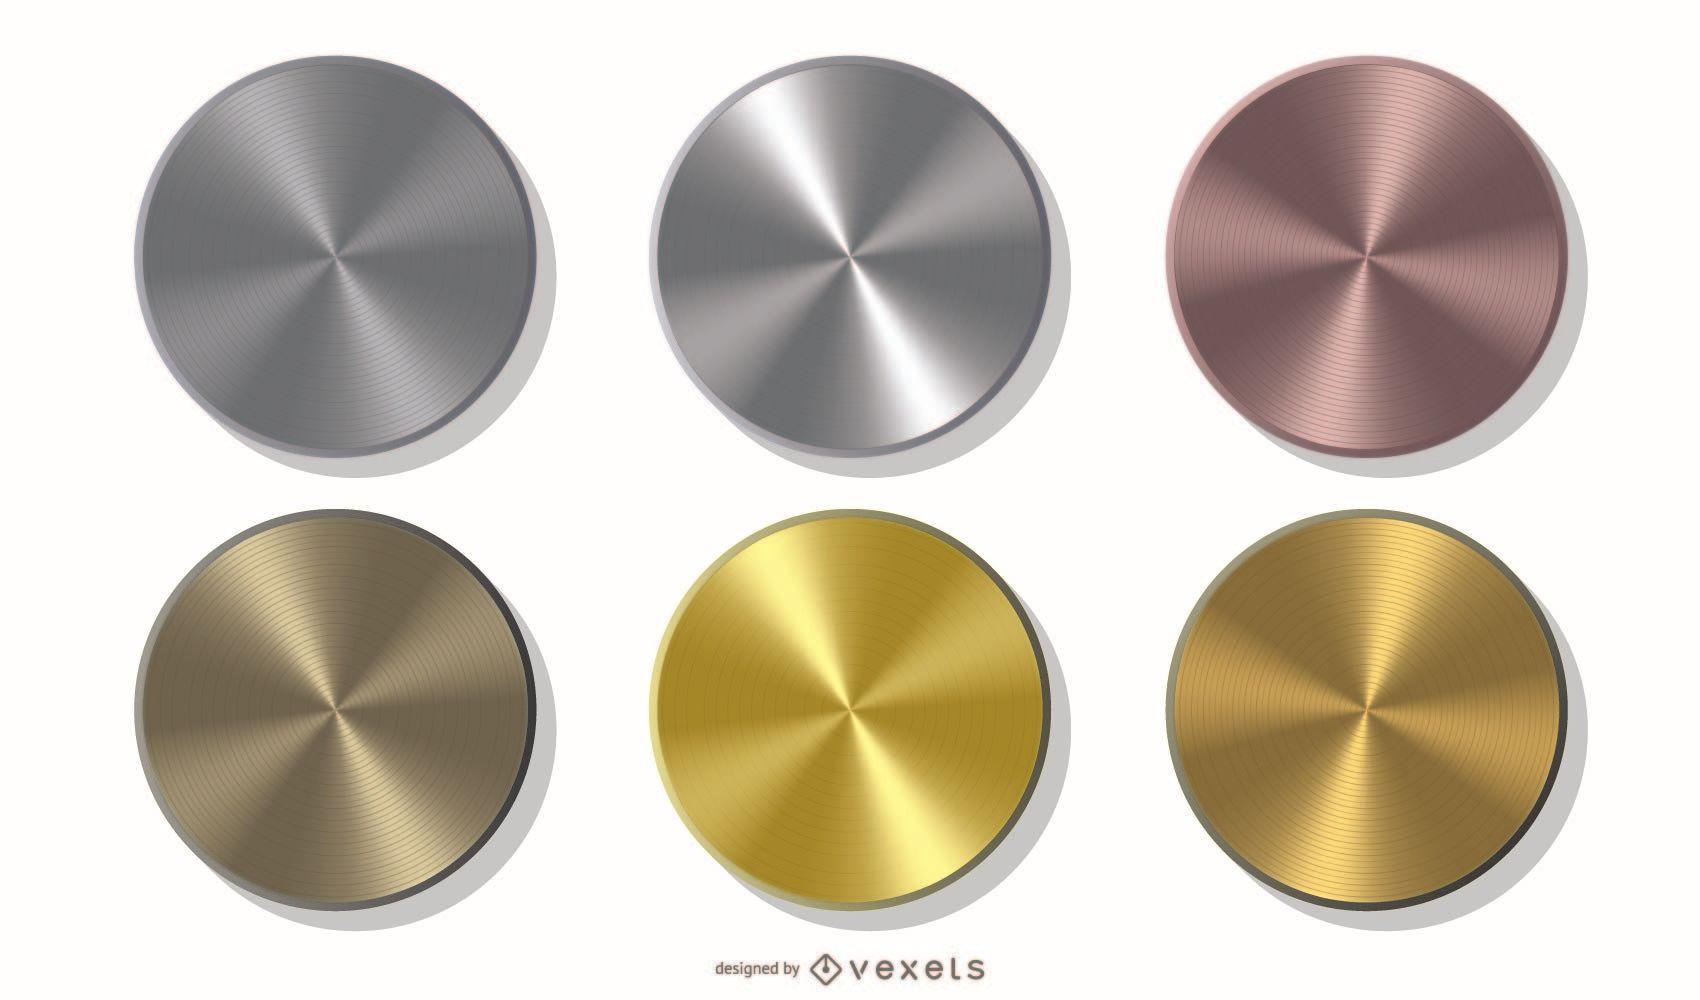 Pacote de moedas metálicas